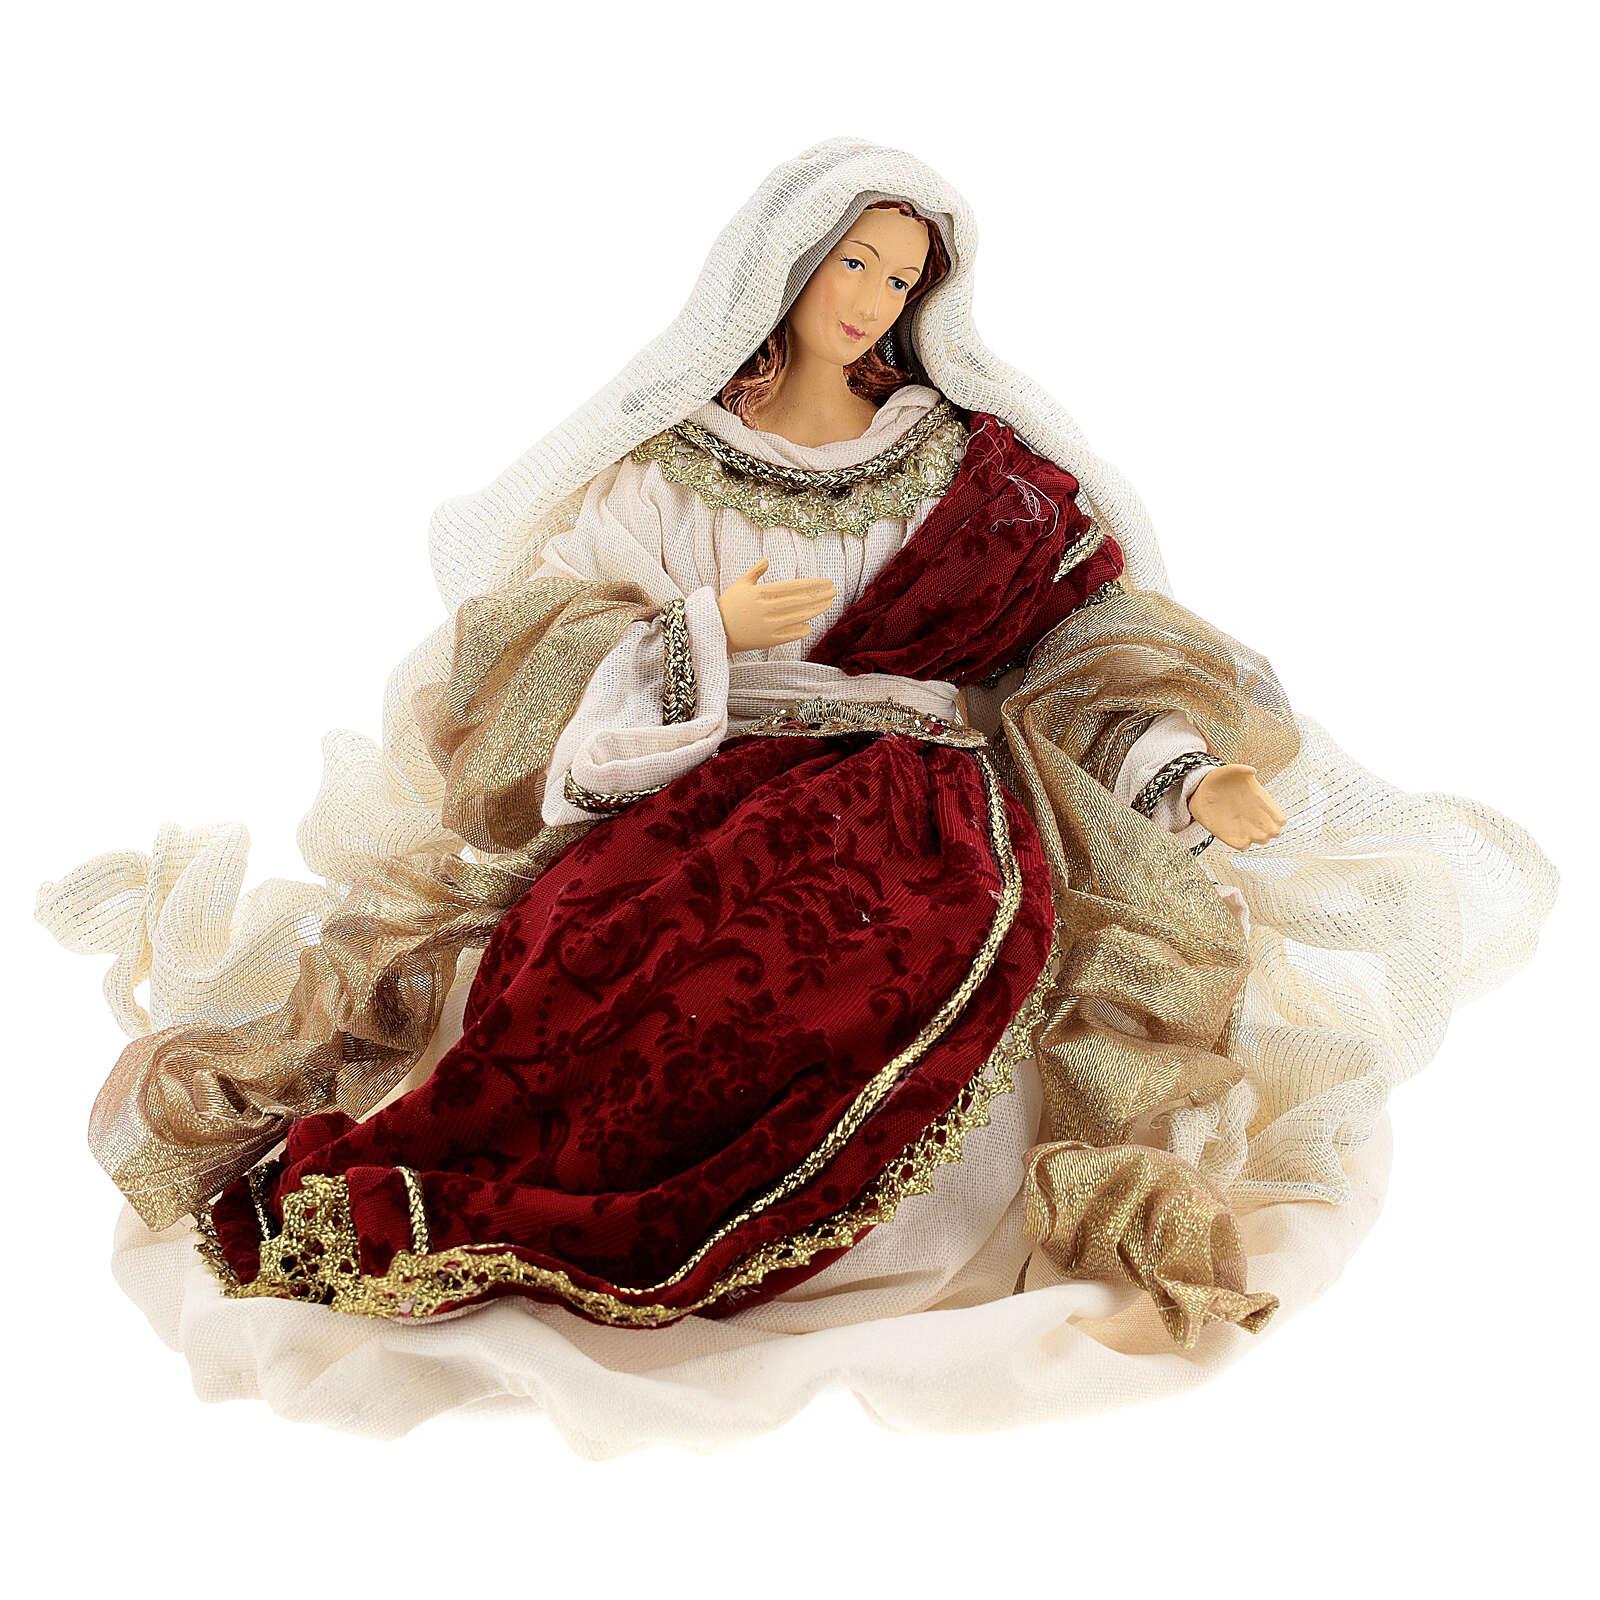 Natività 6 pezzi stile veneziano resina e stoffa rosso oro 40 cm  4